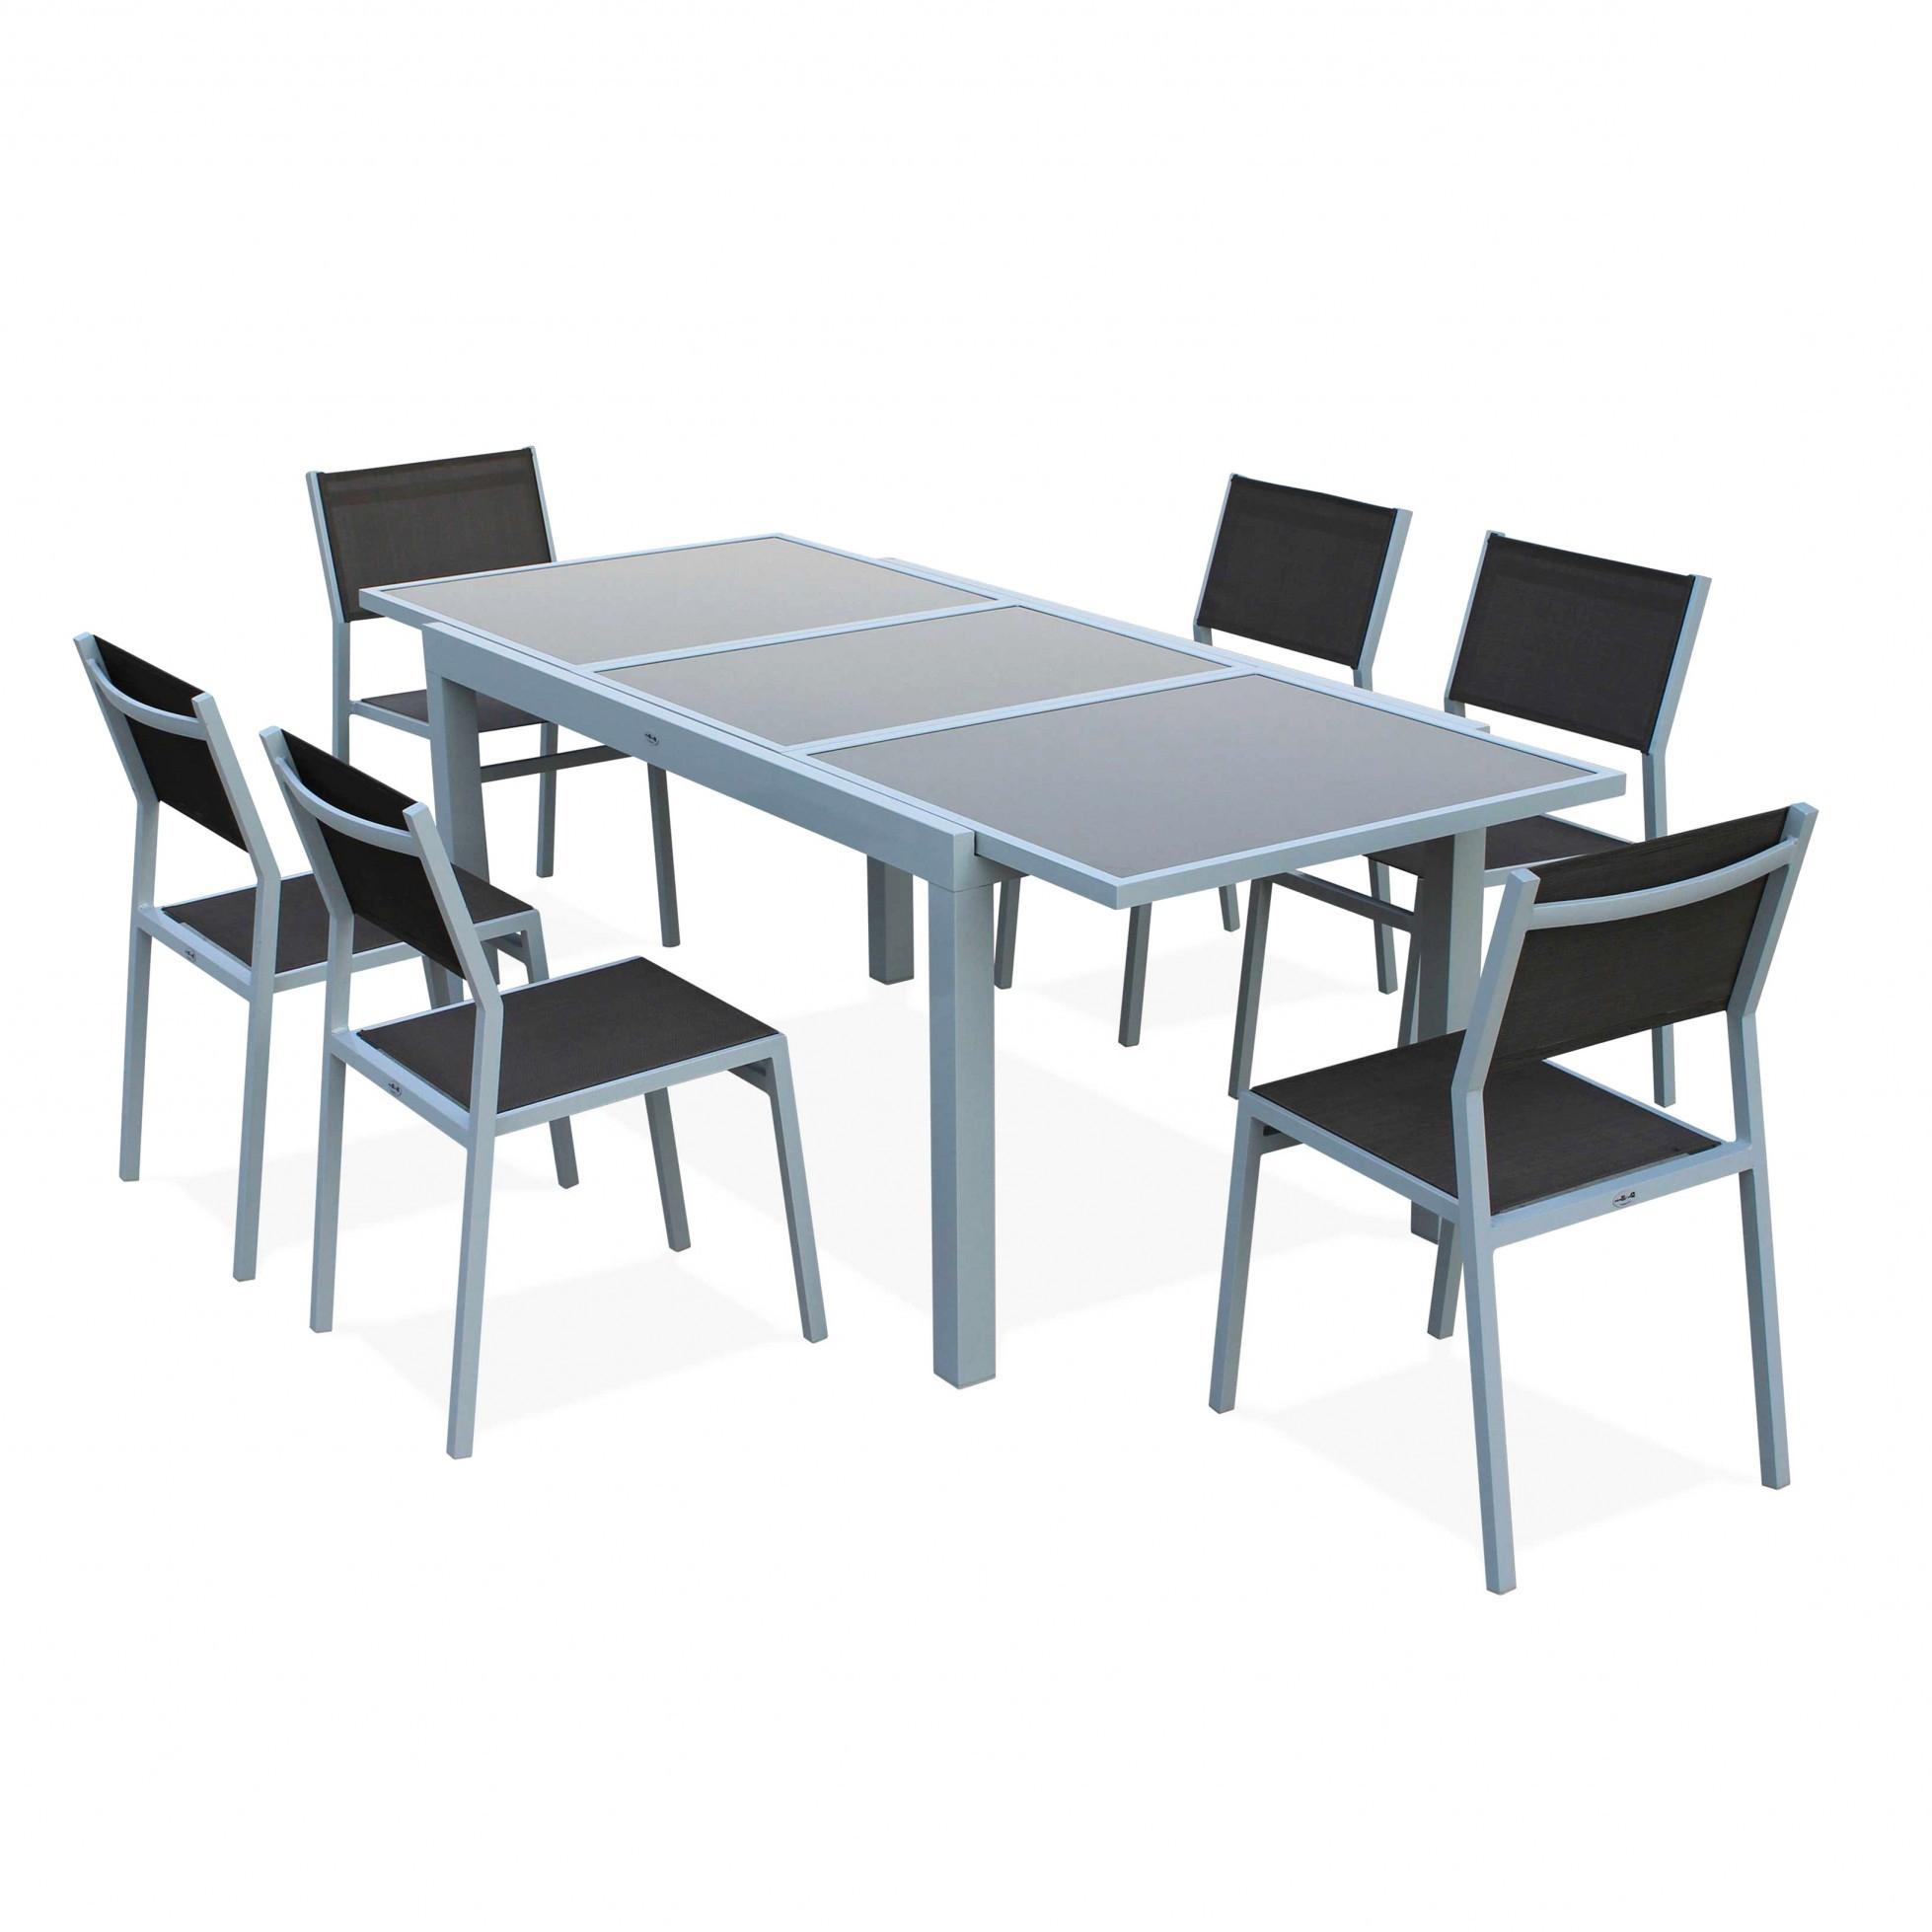 Housse Pour Table De Jardin Leclerc encequiconcerne Salon De Jardin Chez Leclerc